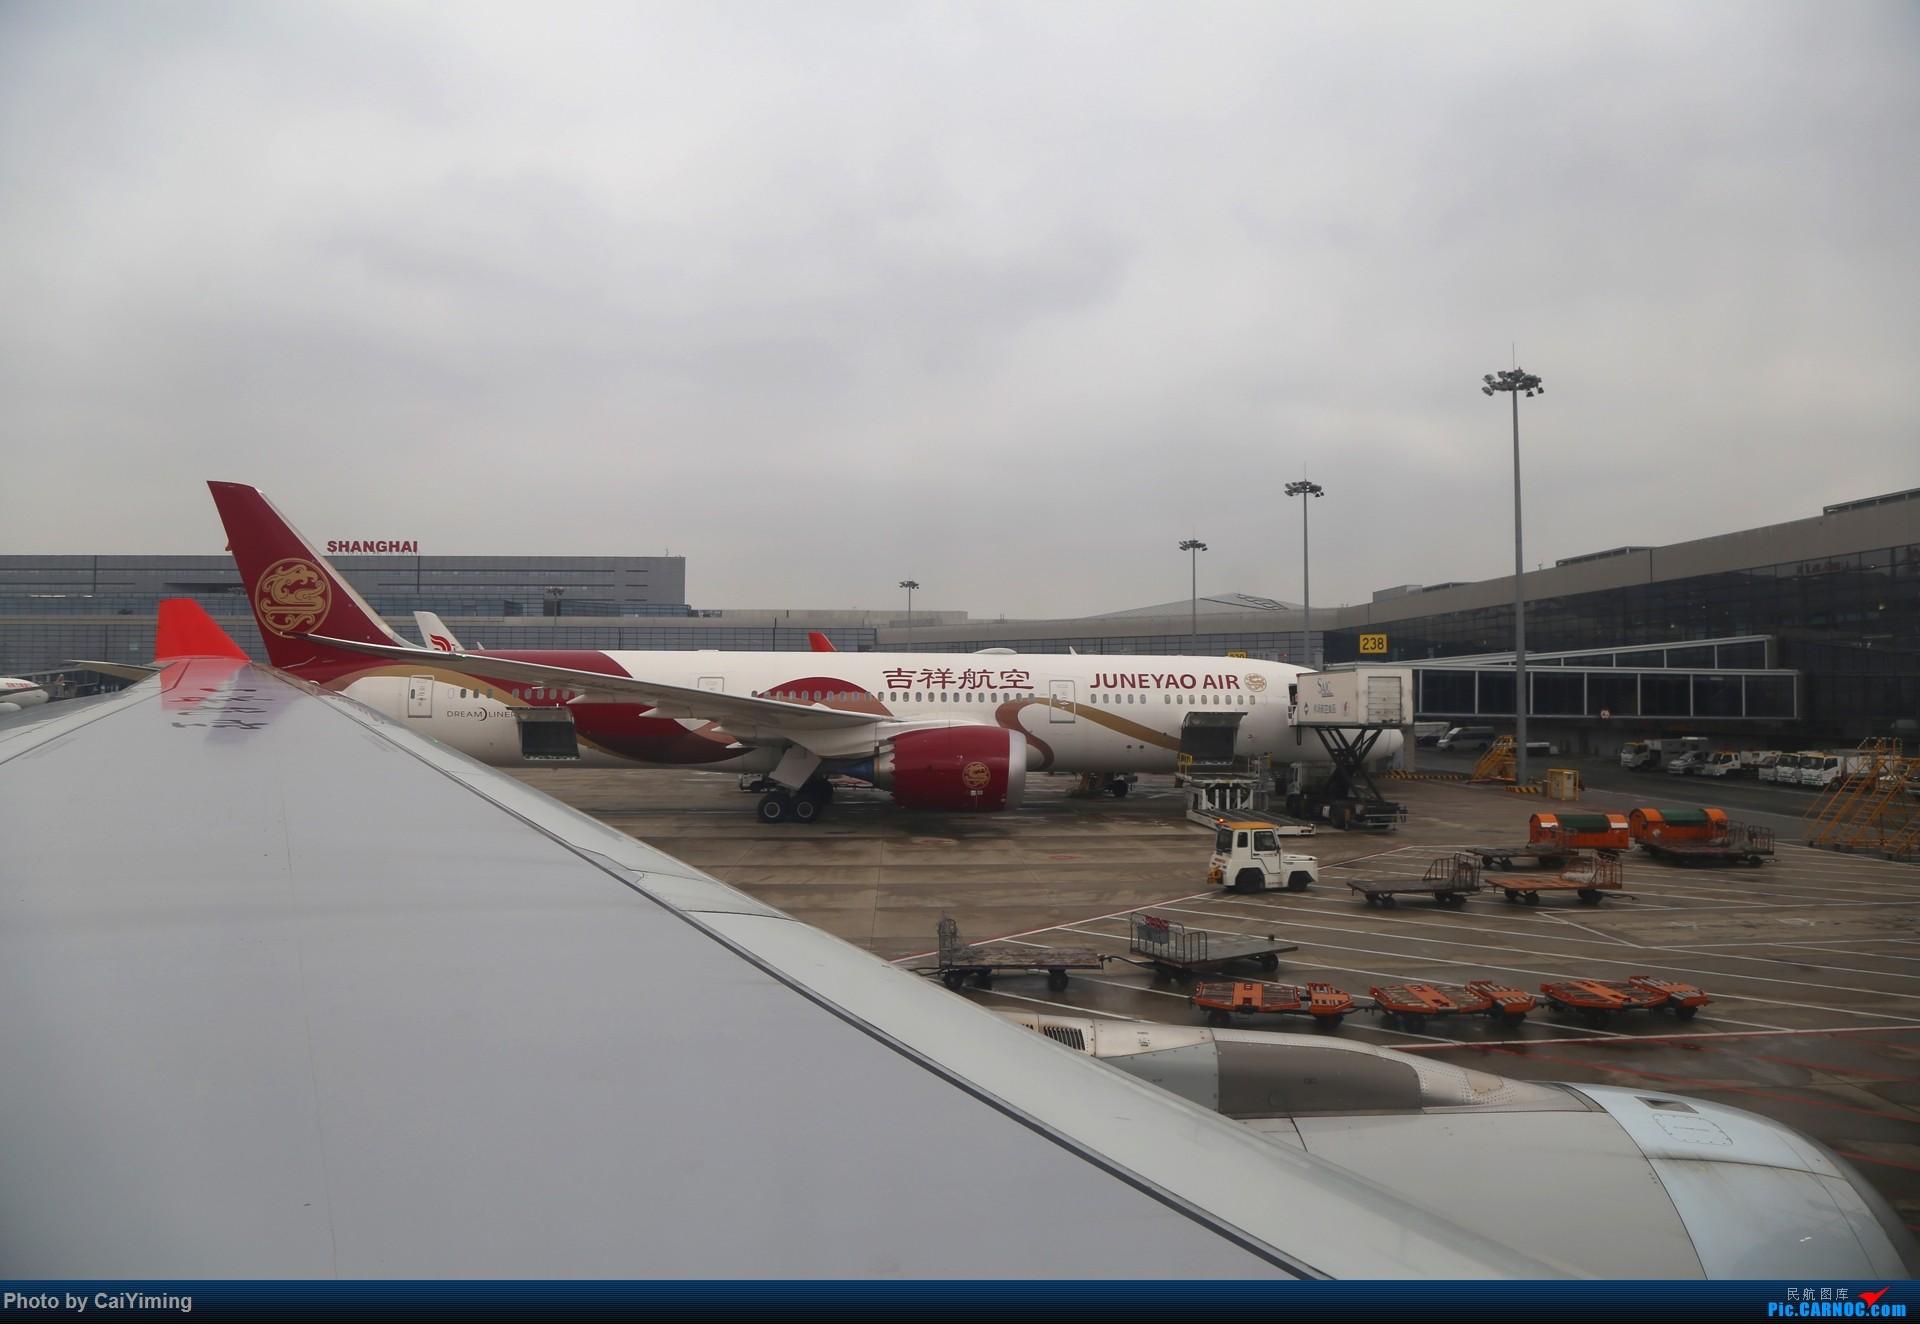 Re:[原创]【人在旅途】成都-浦东-虹桥-西安-南通-成都(3U+MU空客A359体验) BOEING 787-9 B-207N 中国上海虹桥国际机场